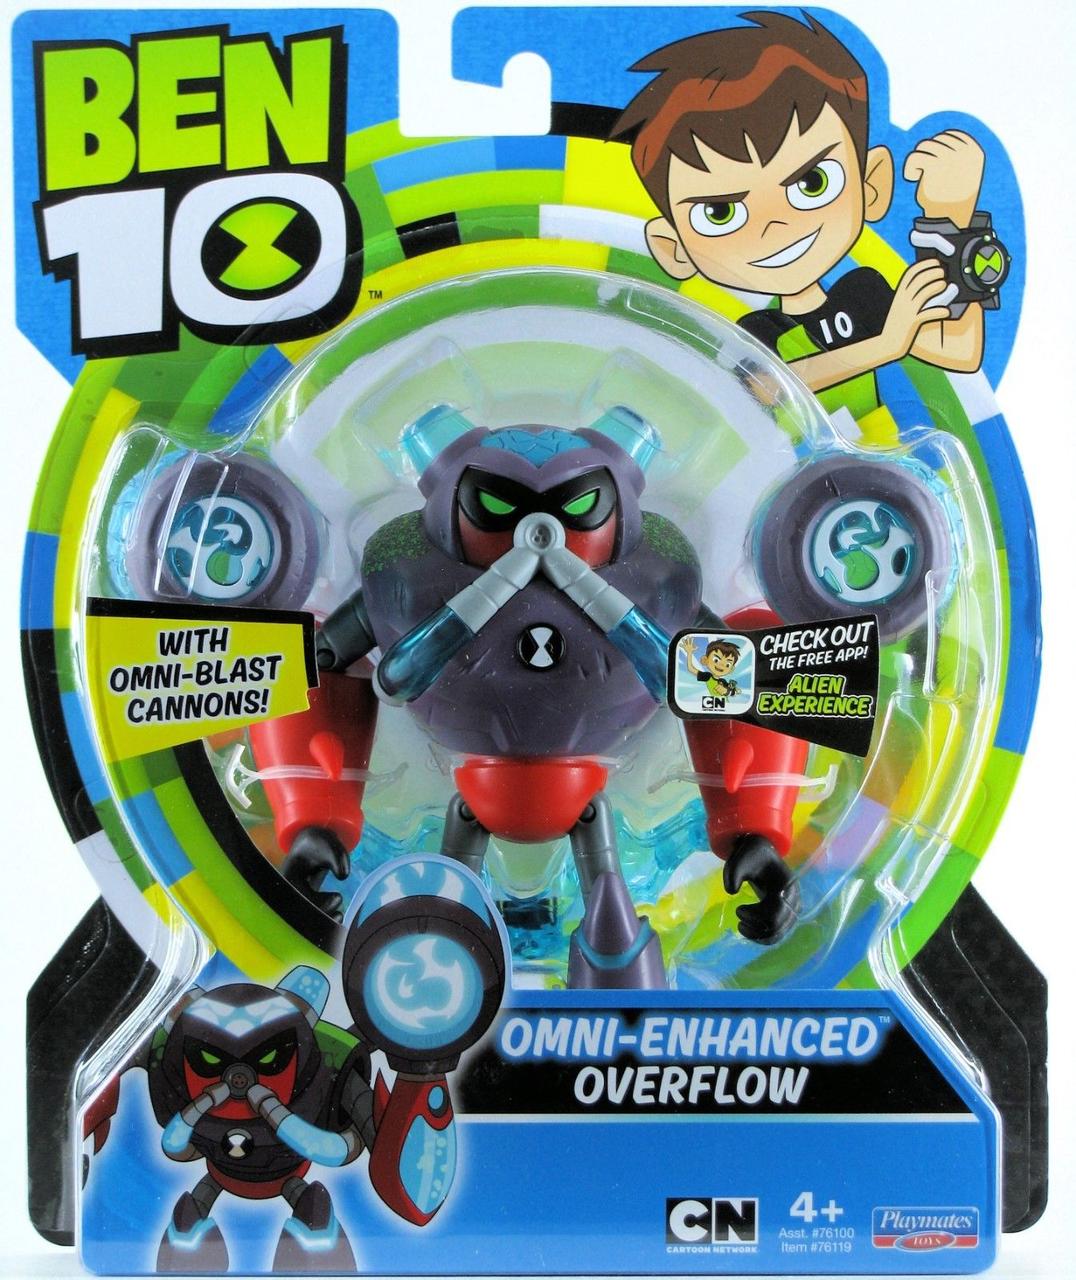 Бен 10 фигурка Водохлёст, омни-усилённый 12,5см Ben 10 Overflow Omni Enhanced, Оригинал из США